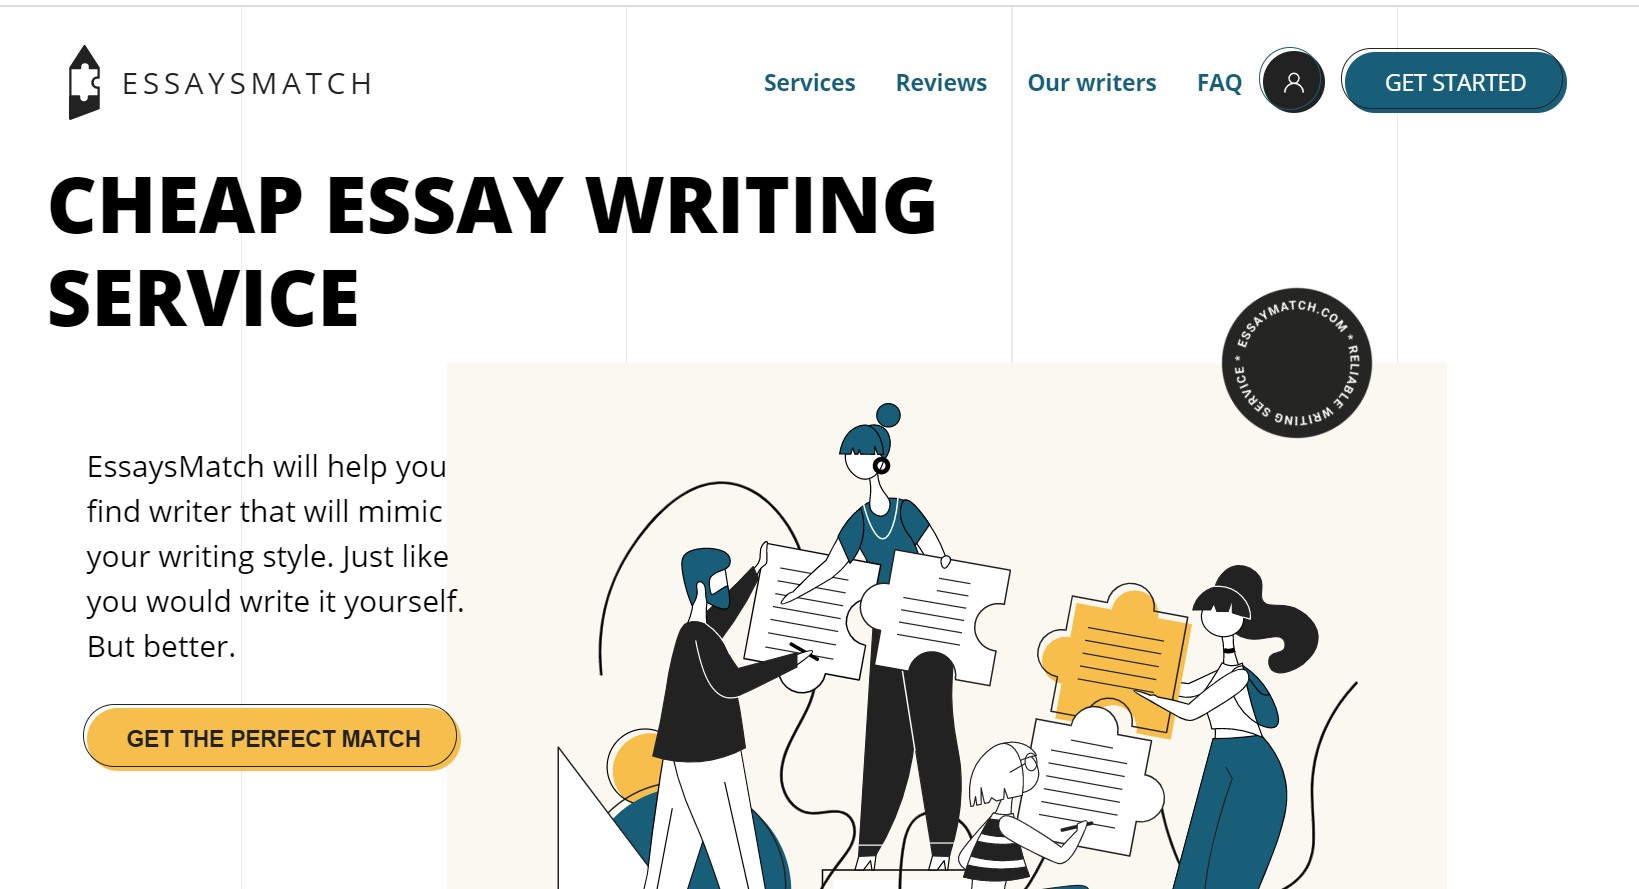 Essaysmatch.com